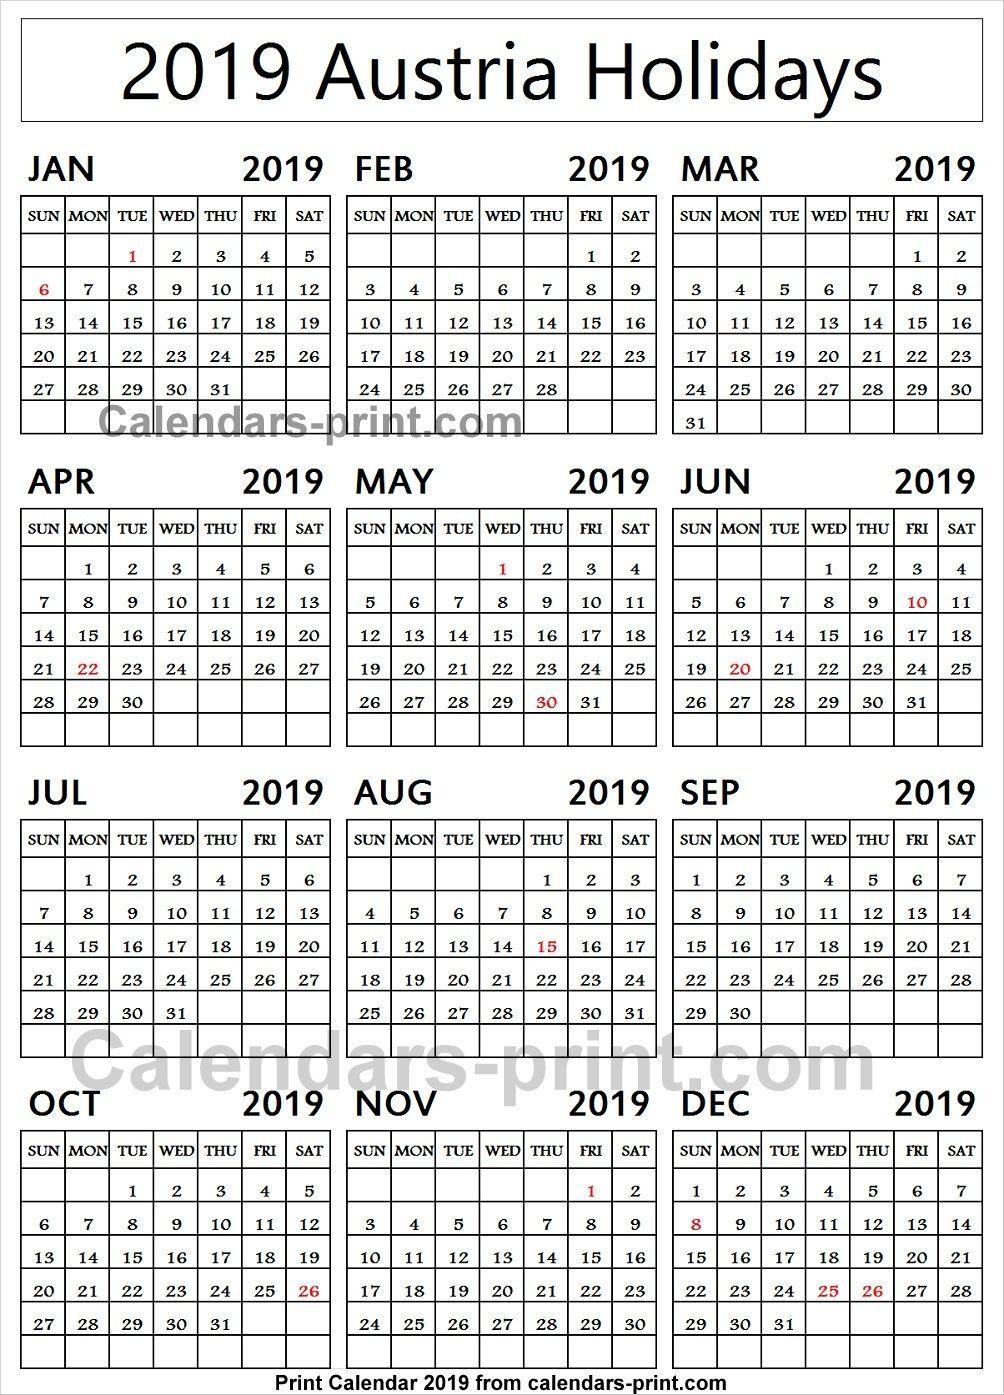 Austria 2019 Calendar With Holidays Holiday Calendar Calendar